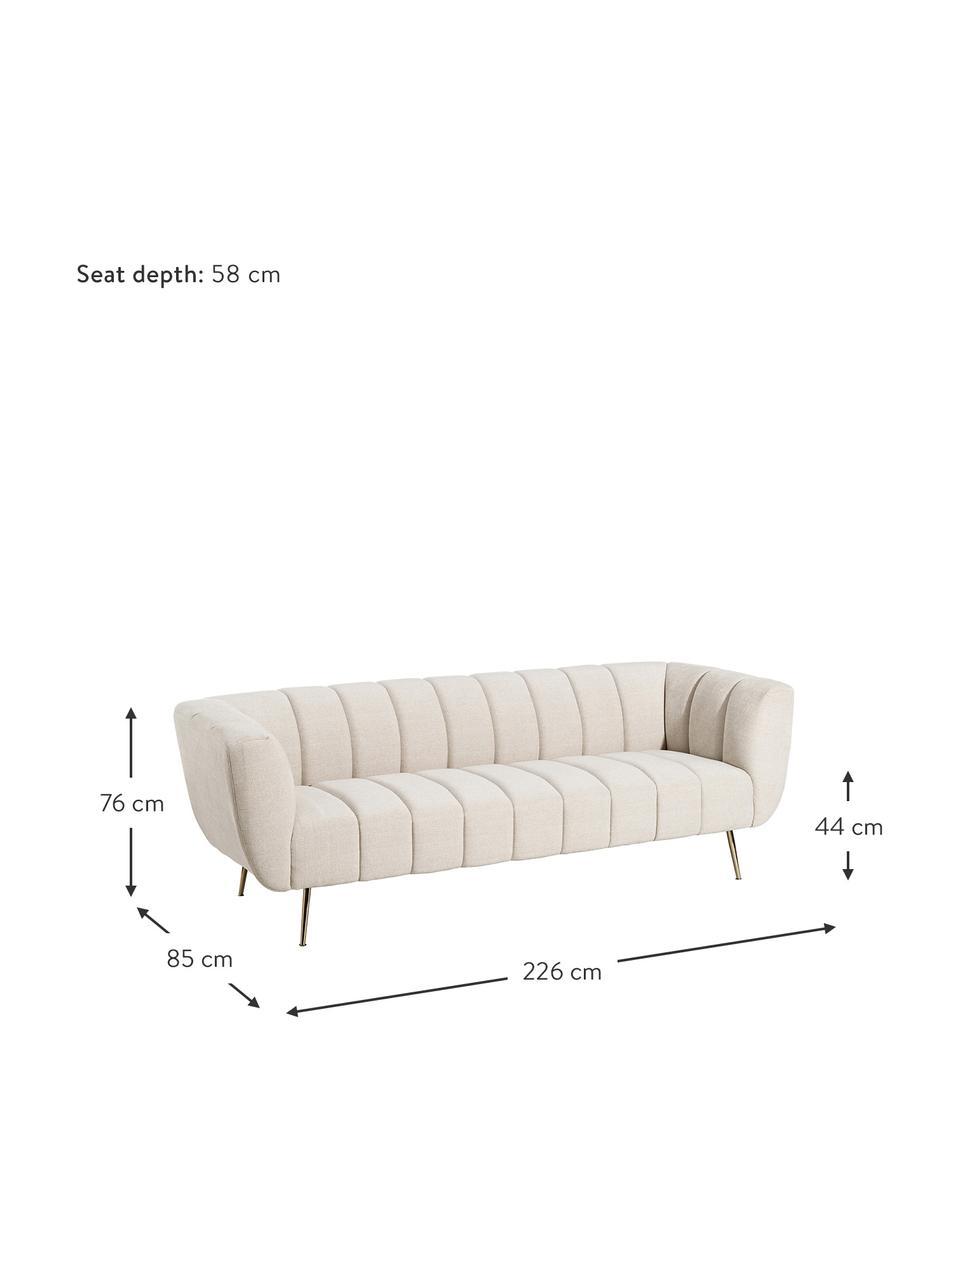 Sofa Mireia (3-osobowa), Tapicerka: poliester, Nogi: metal lakierowany, Beżowy, S 85 x G 226 cm